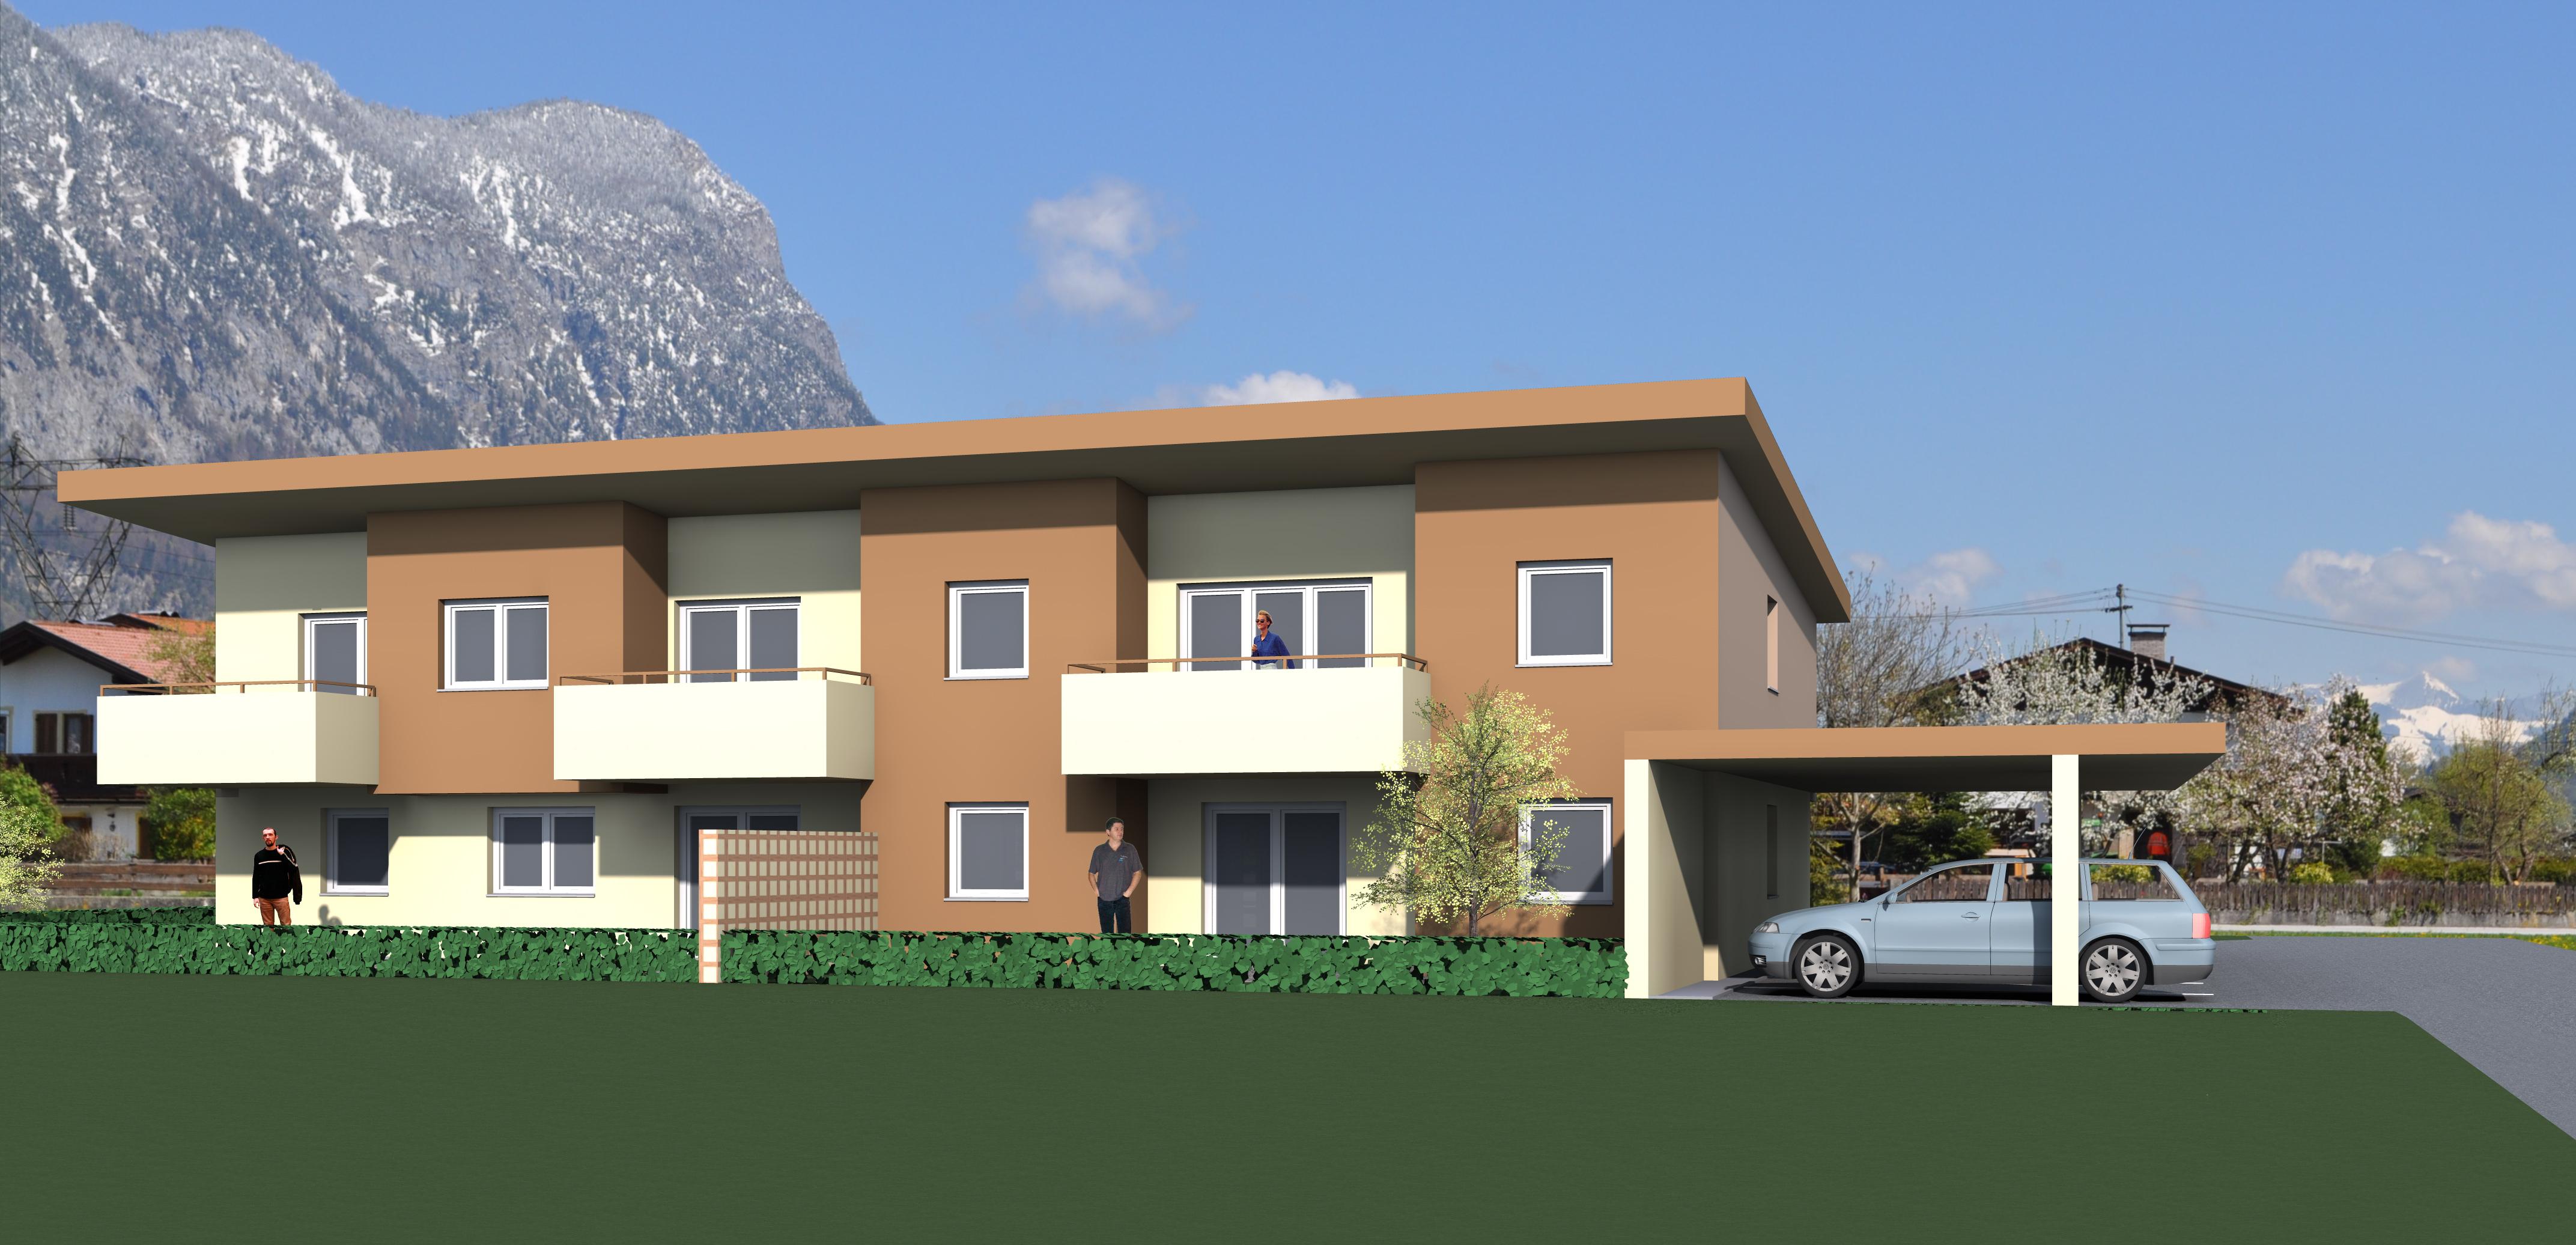 5 Wohnungen in Oberlangkampfen